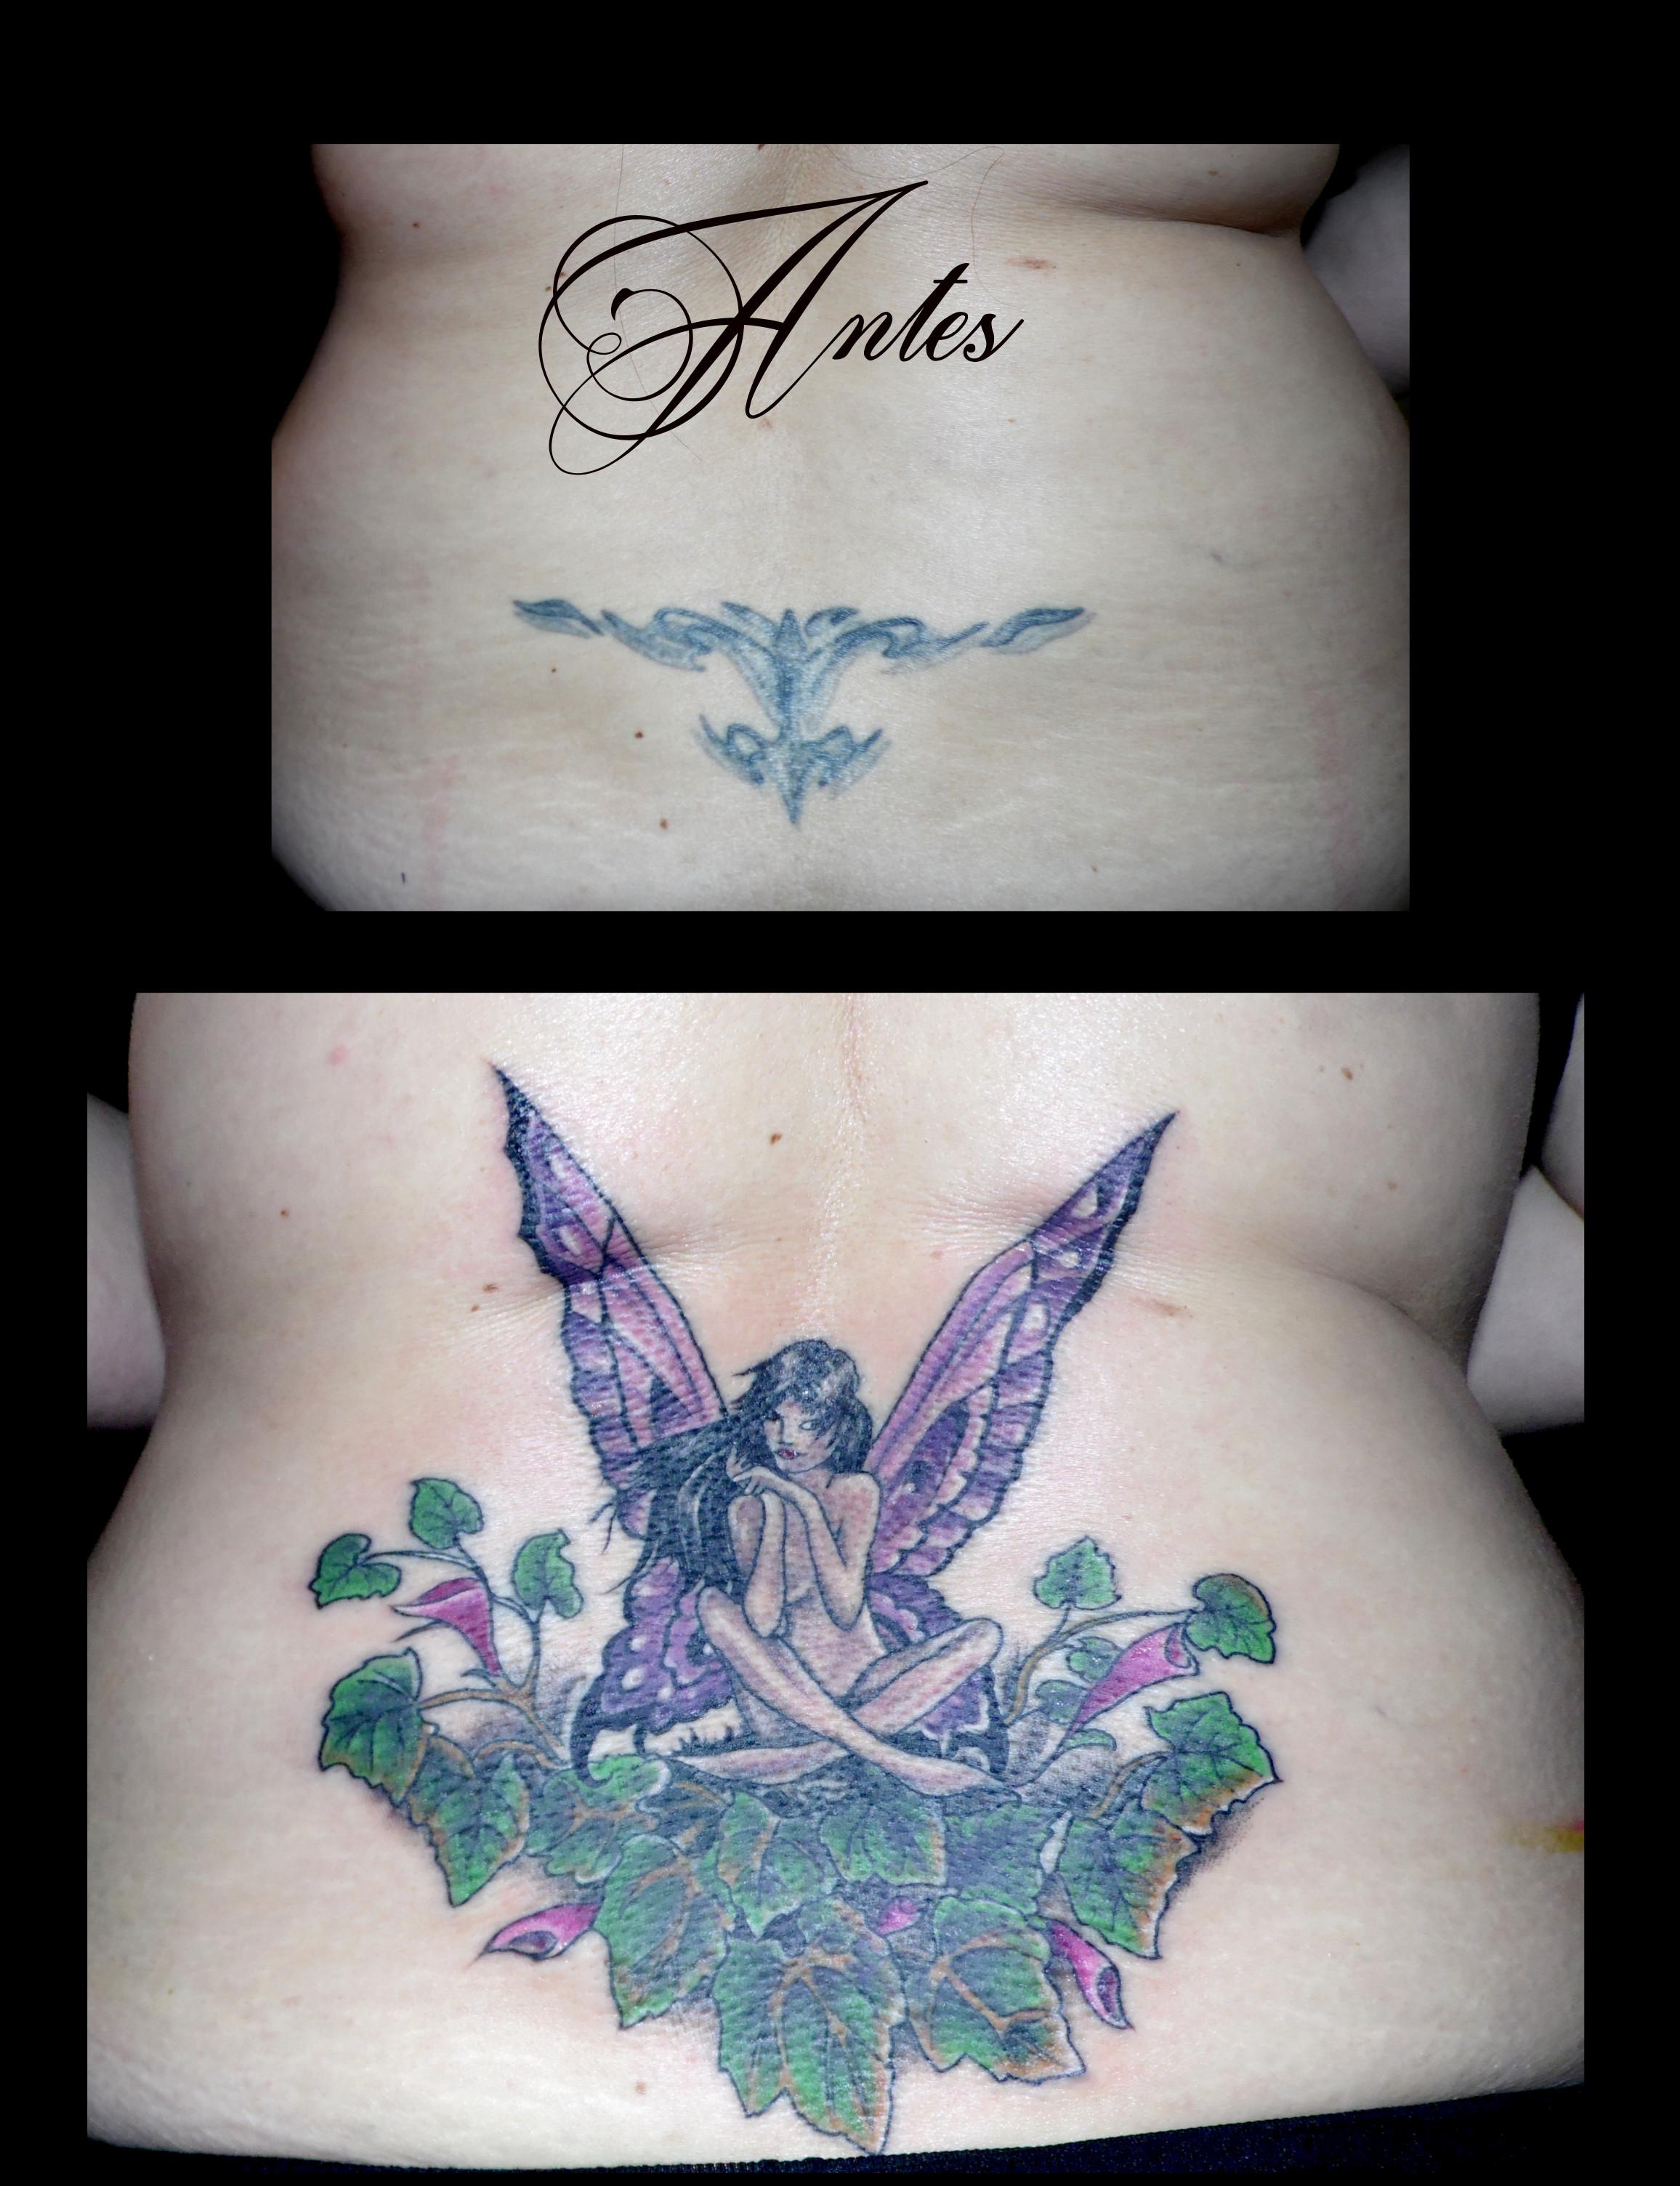 Otro tapado de tatuaje antiguo